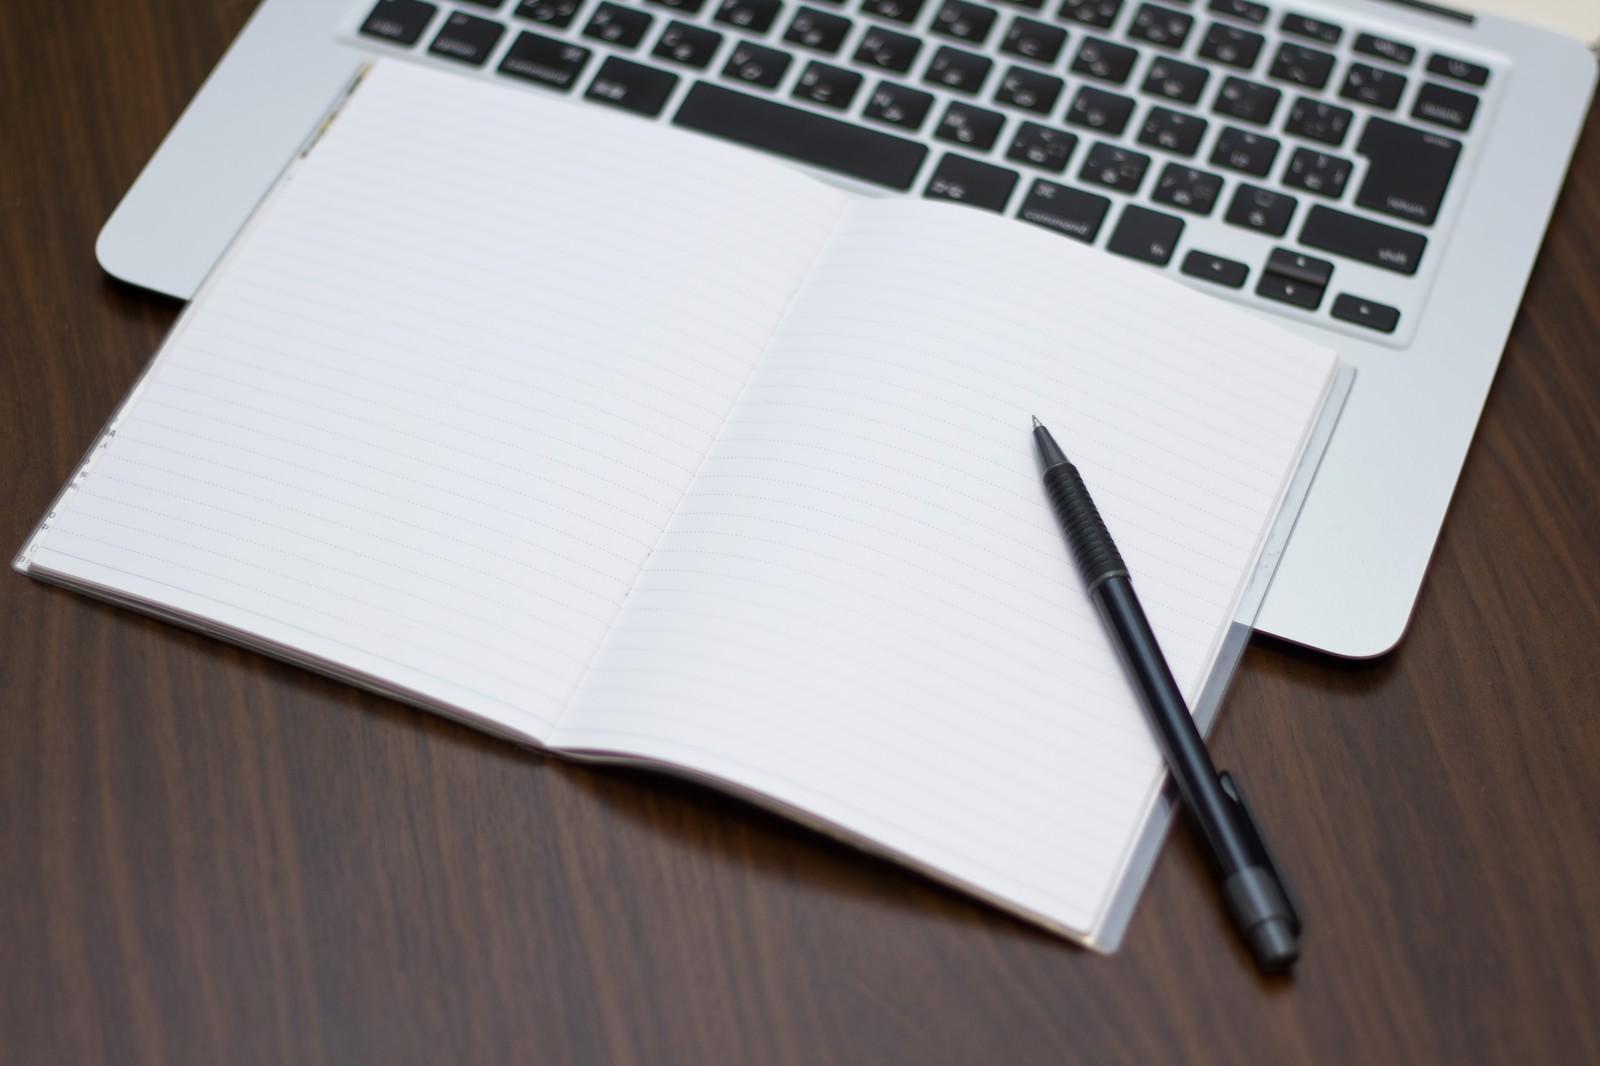 ノートパソコンにメモとペン